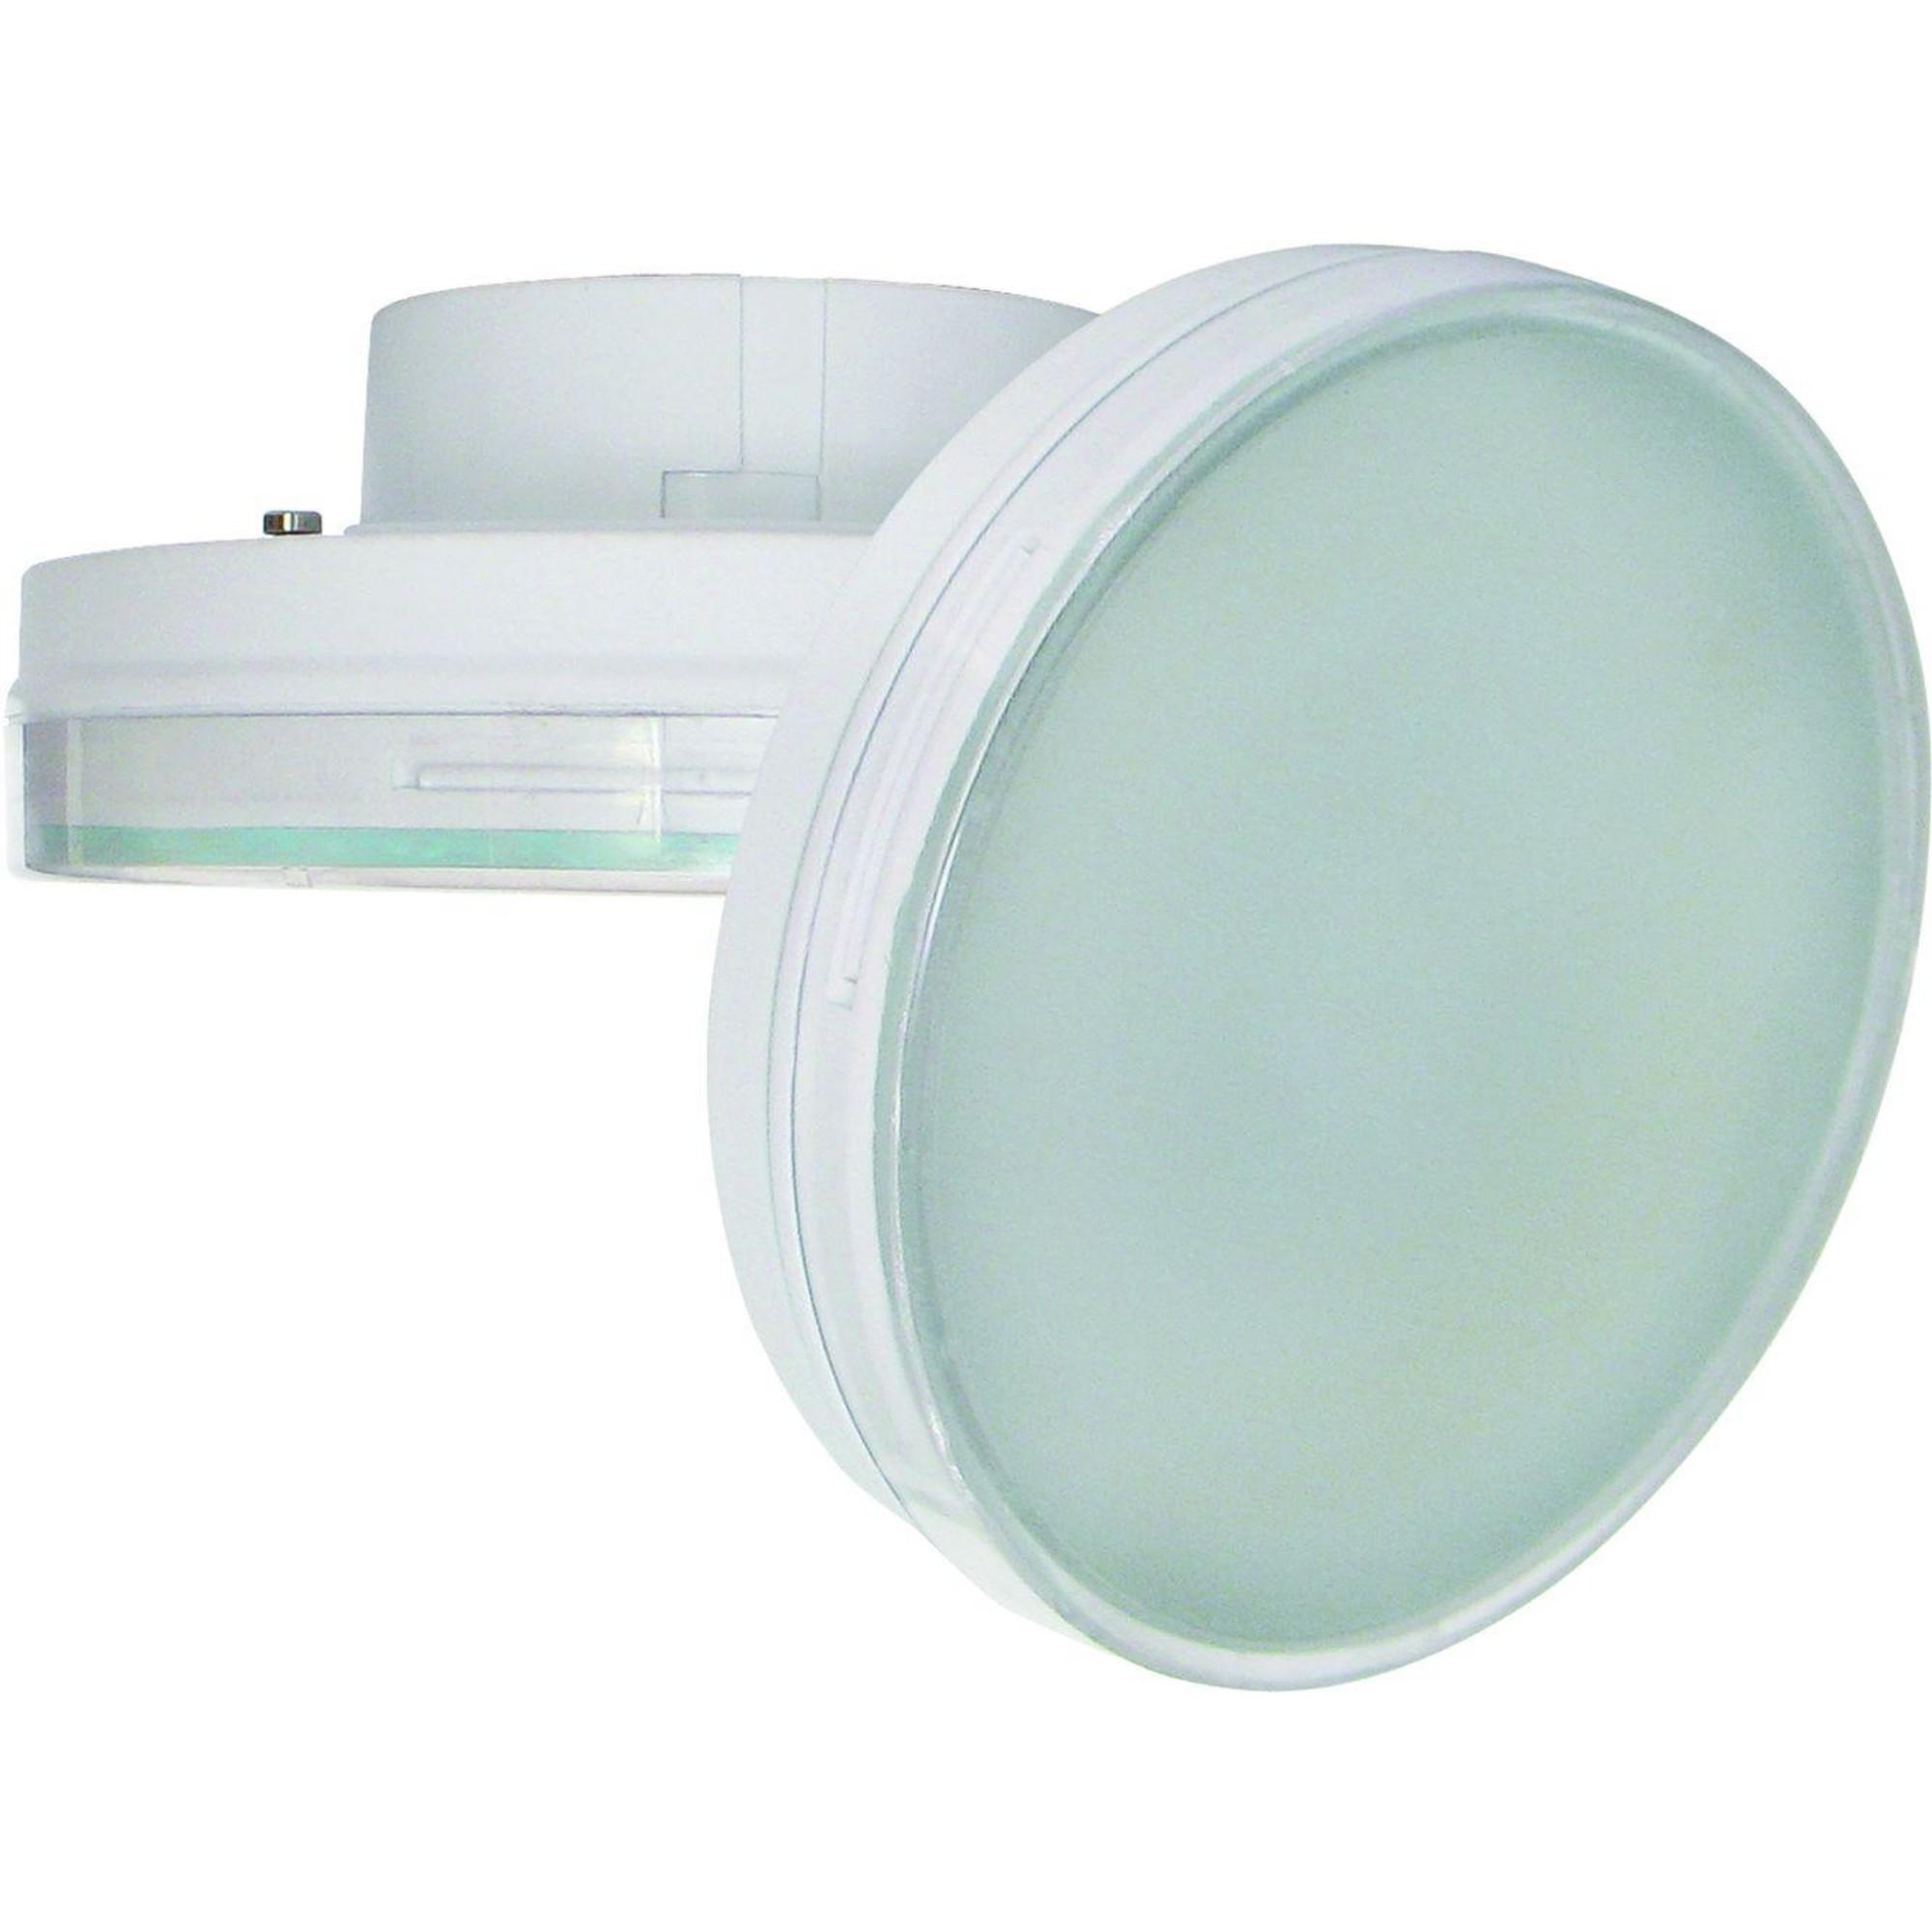 Лампа Ecola Premium светодионая GX70 13 Вт таблетка 1170 Лм теплый свет